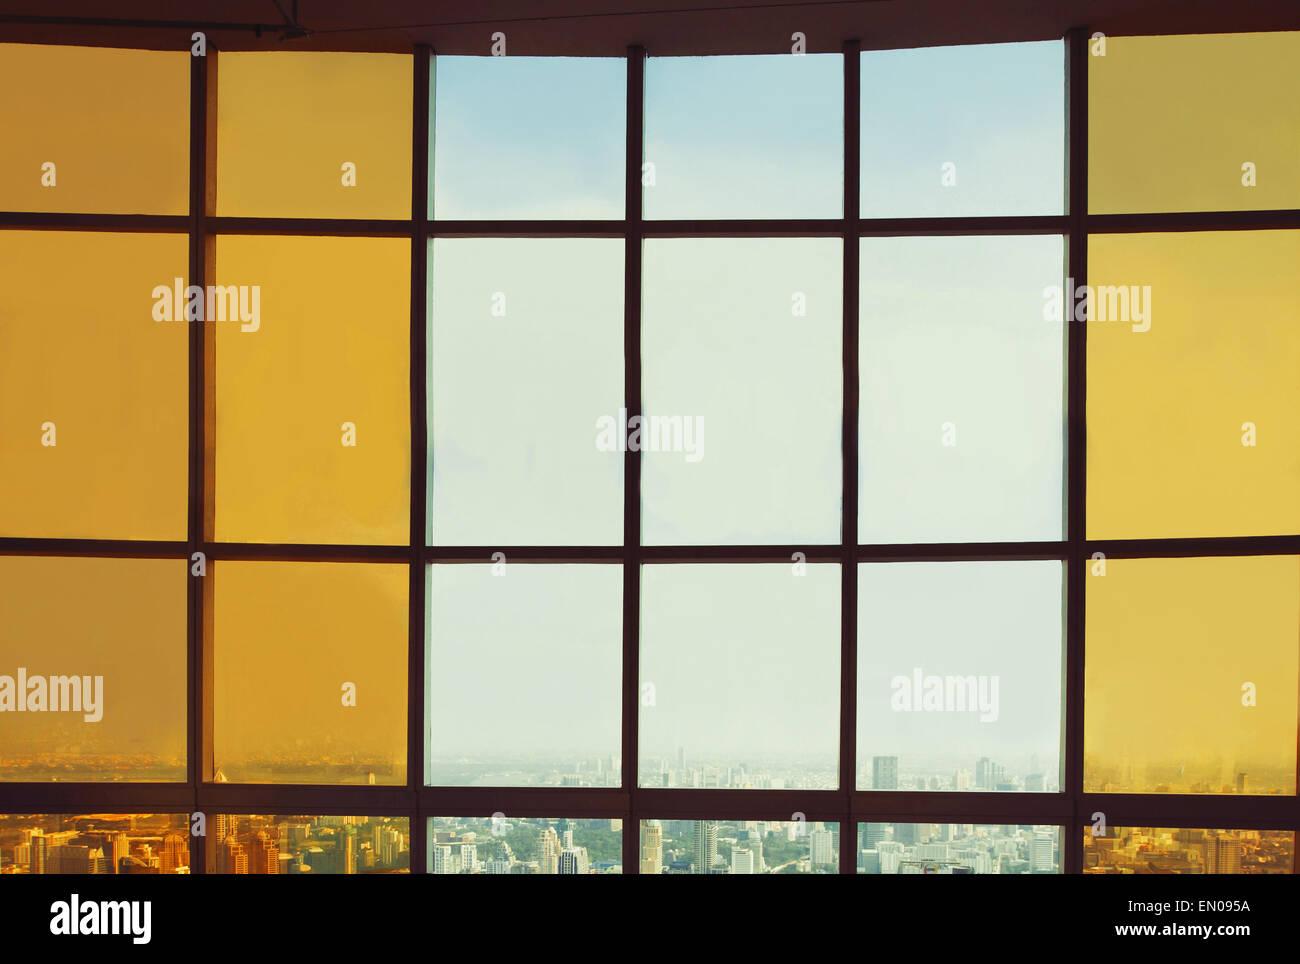 abstrakt Business Innenraum, Blick auf die Skyline der modernen Stadt Stockfoto